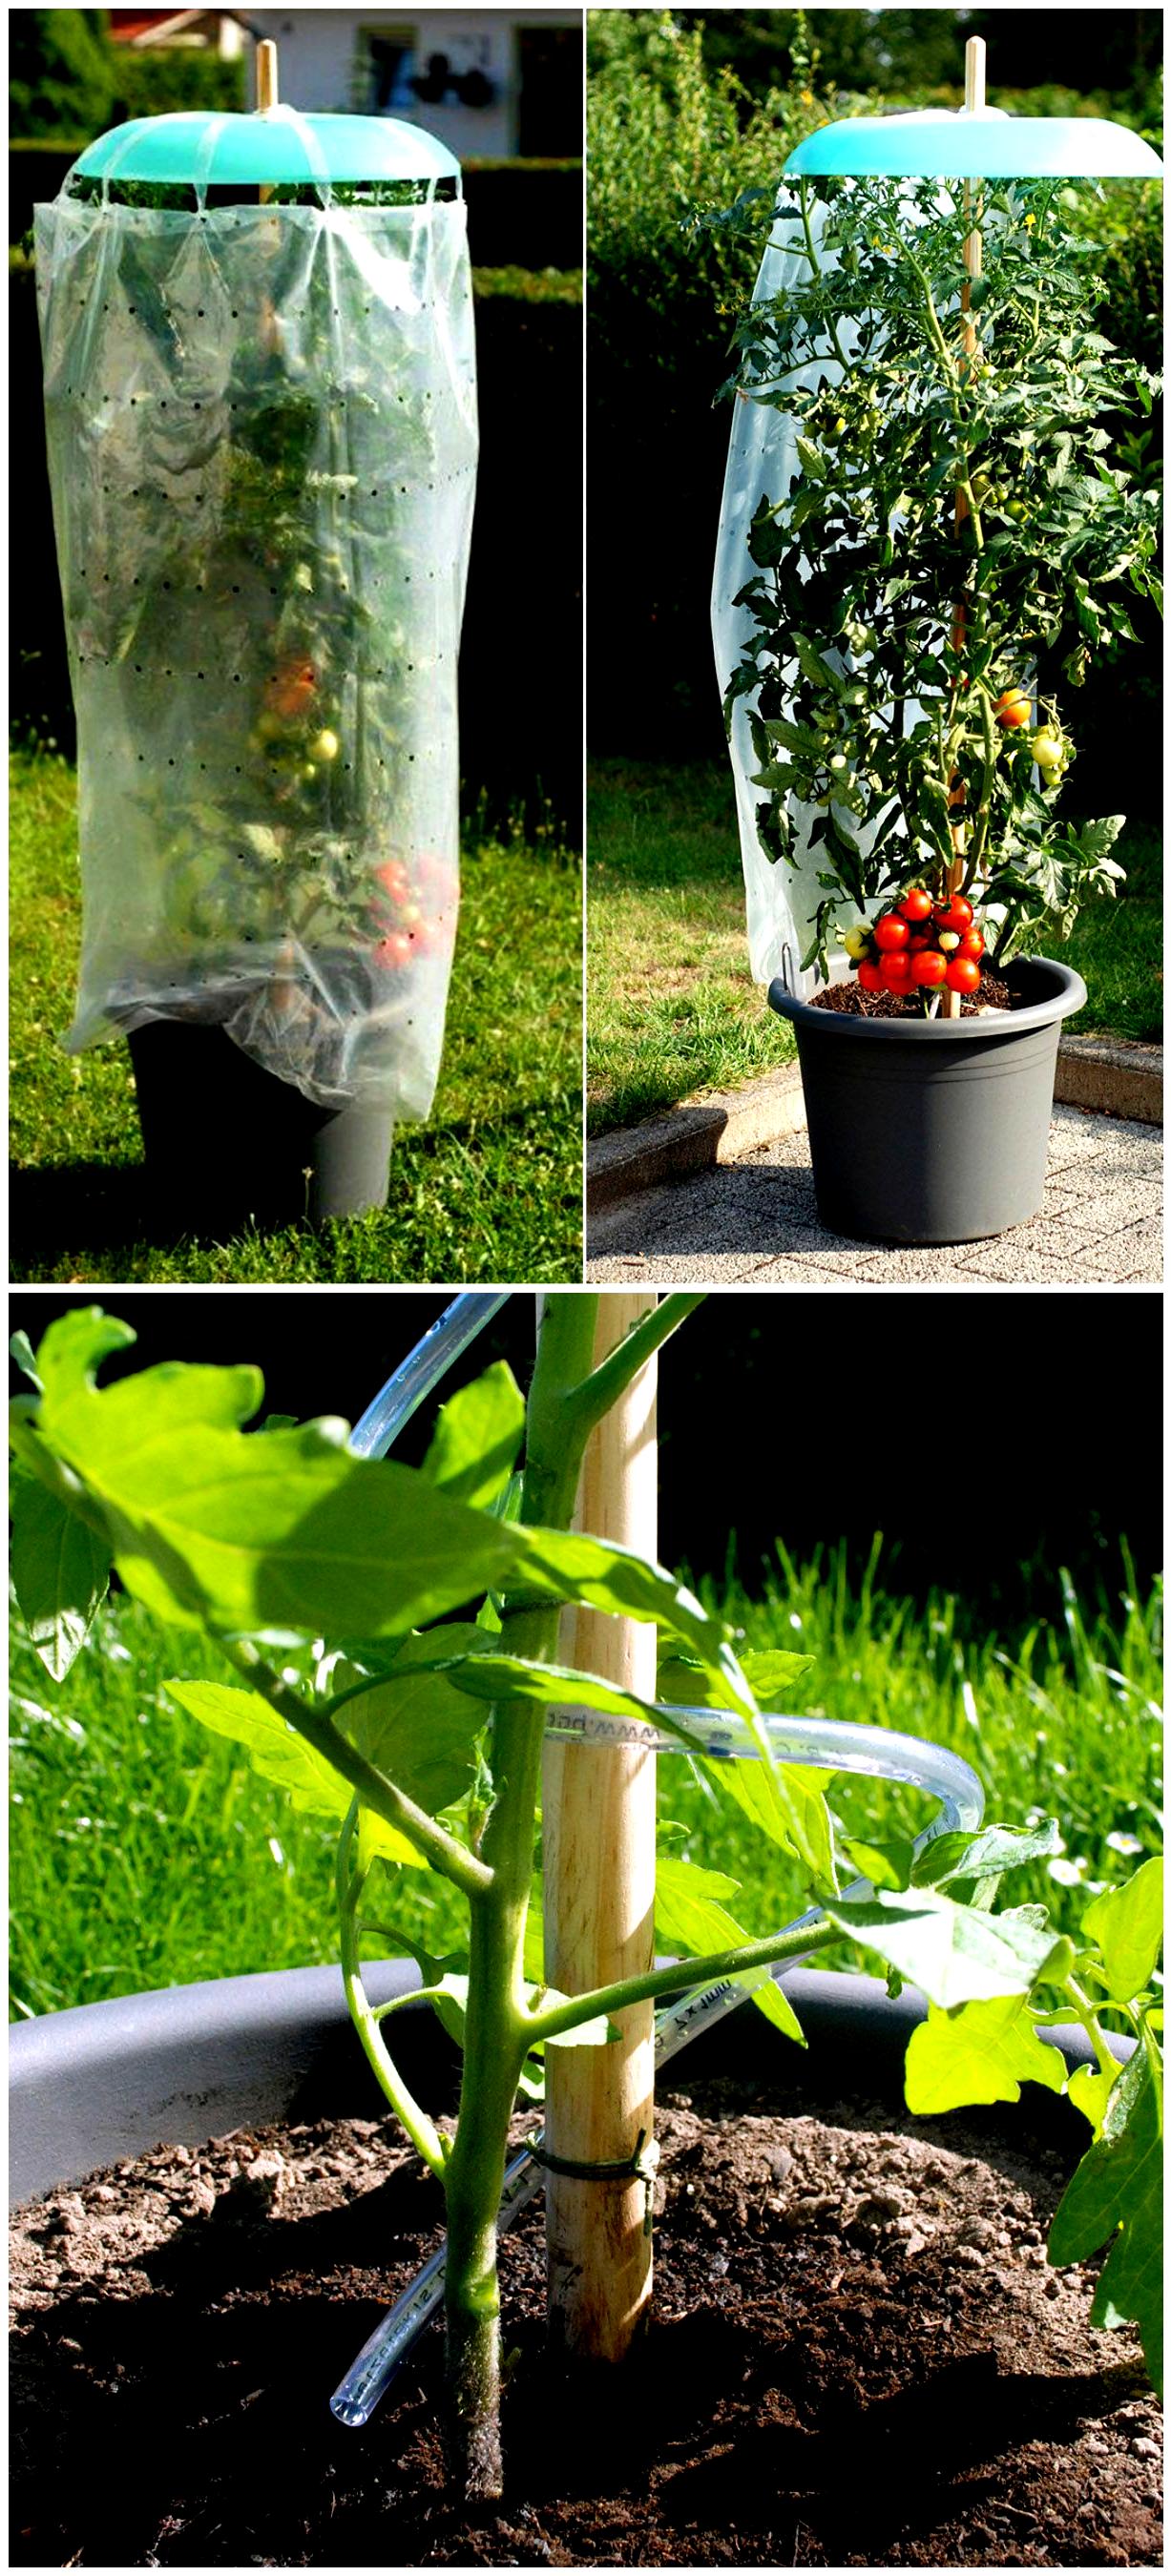 Eine Tolle Idee Seine Tomatenpflanzen Vor Regen Zu Schutzen Das 3 Teilige Tomatenhut Starter Set Gefunden Auf Www Tom Garten D In 2020 Tom Garten Pflanzen Garten